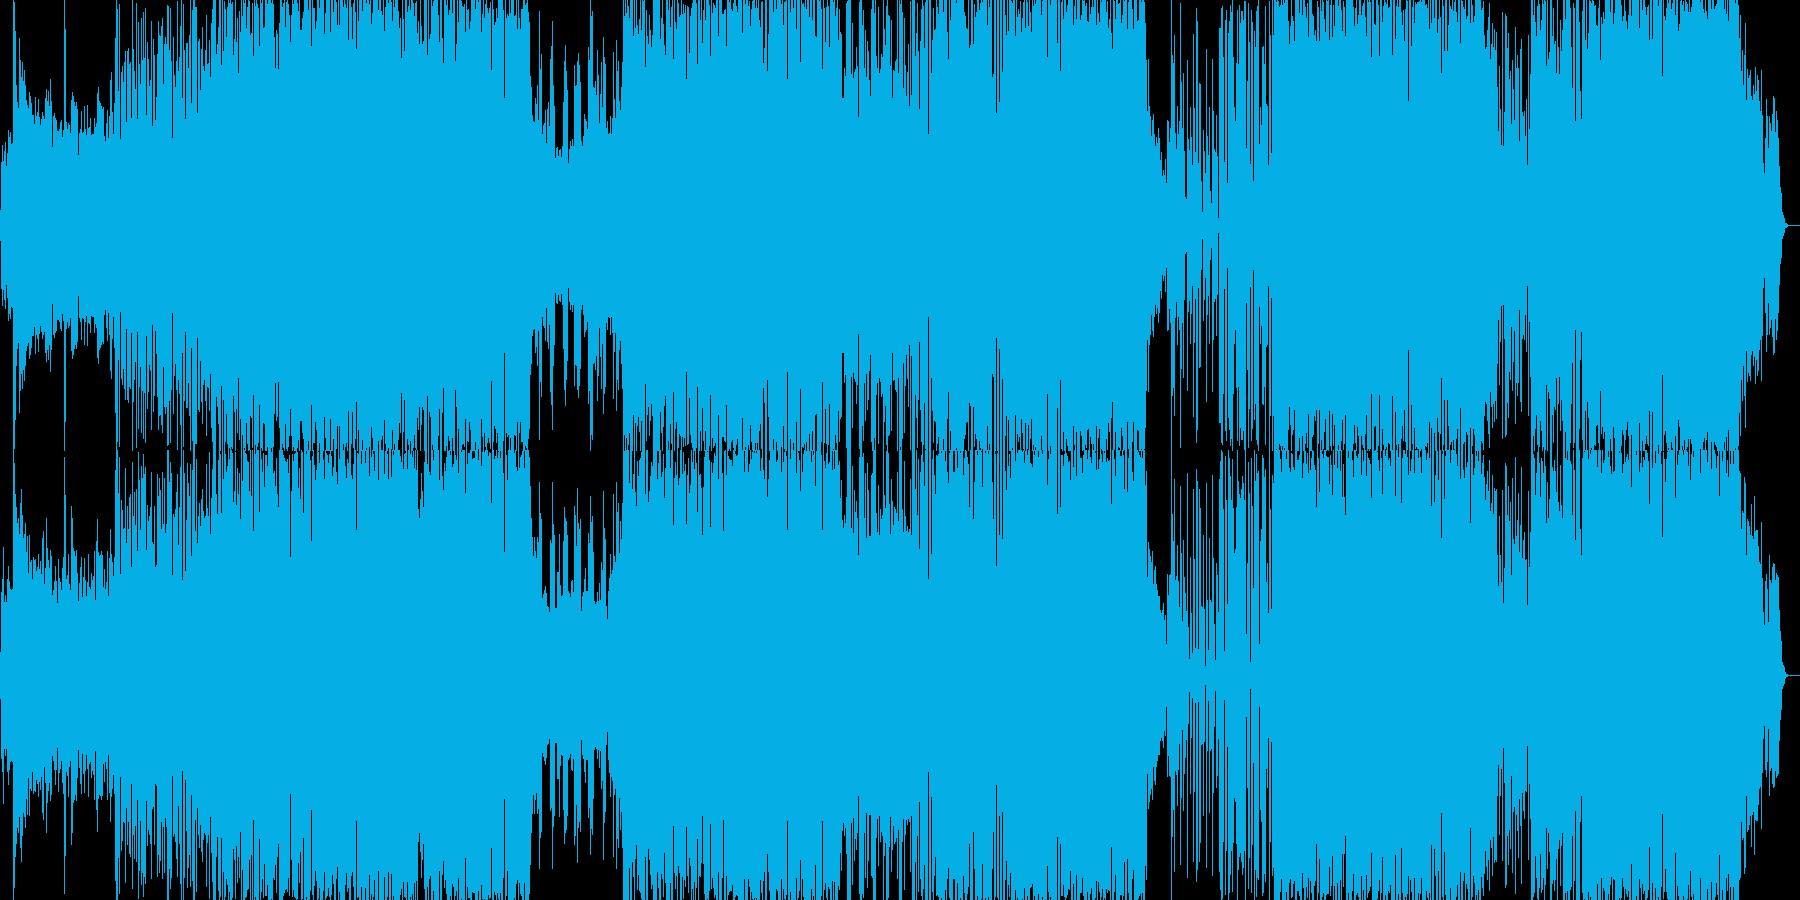 洋楽っぽいダンス楽曲(ラップ)の再生済みの波形